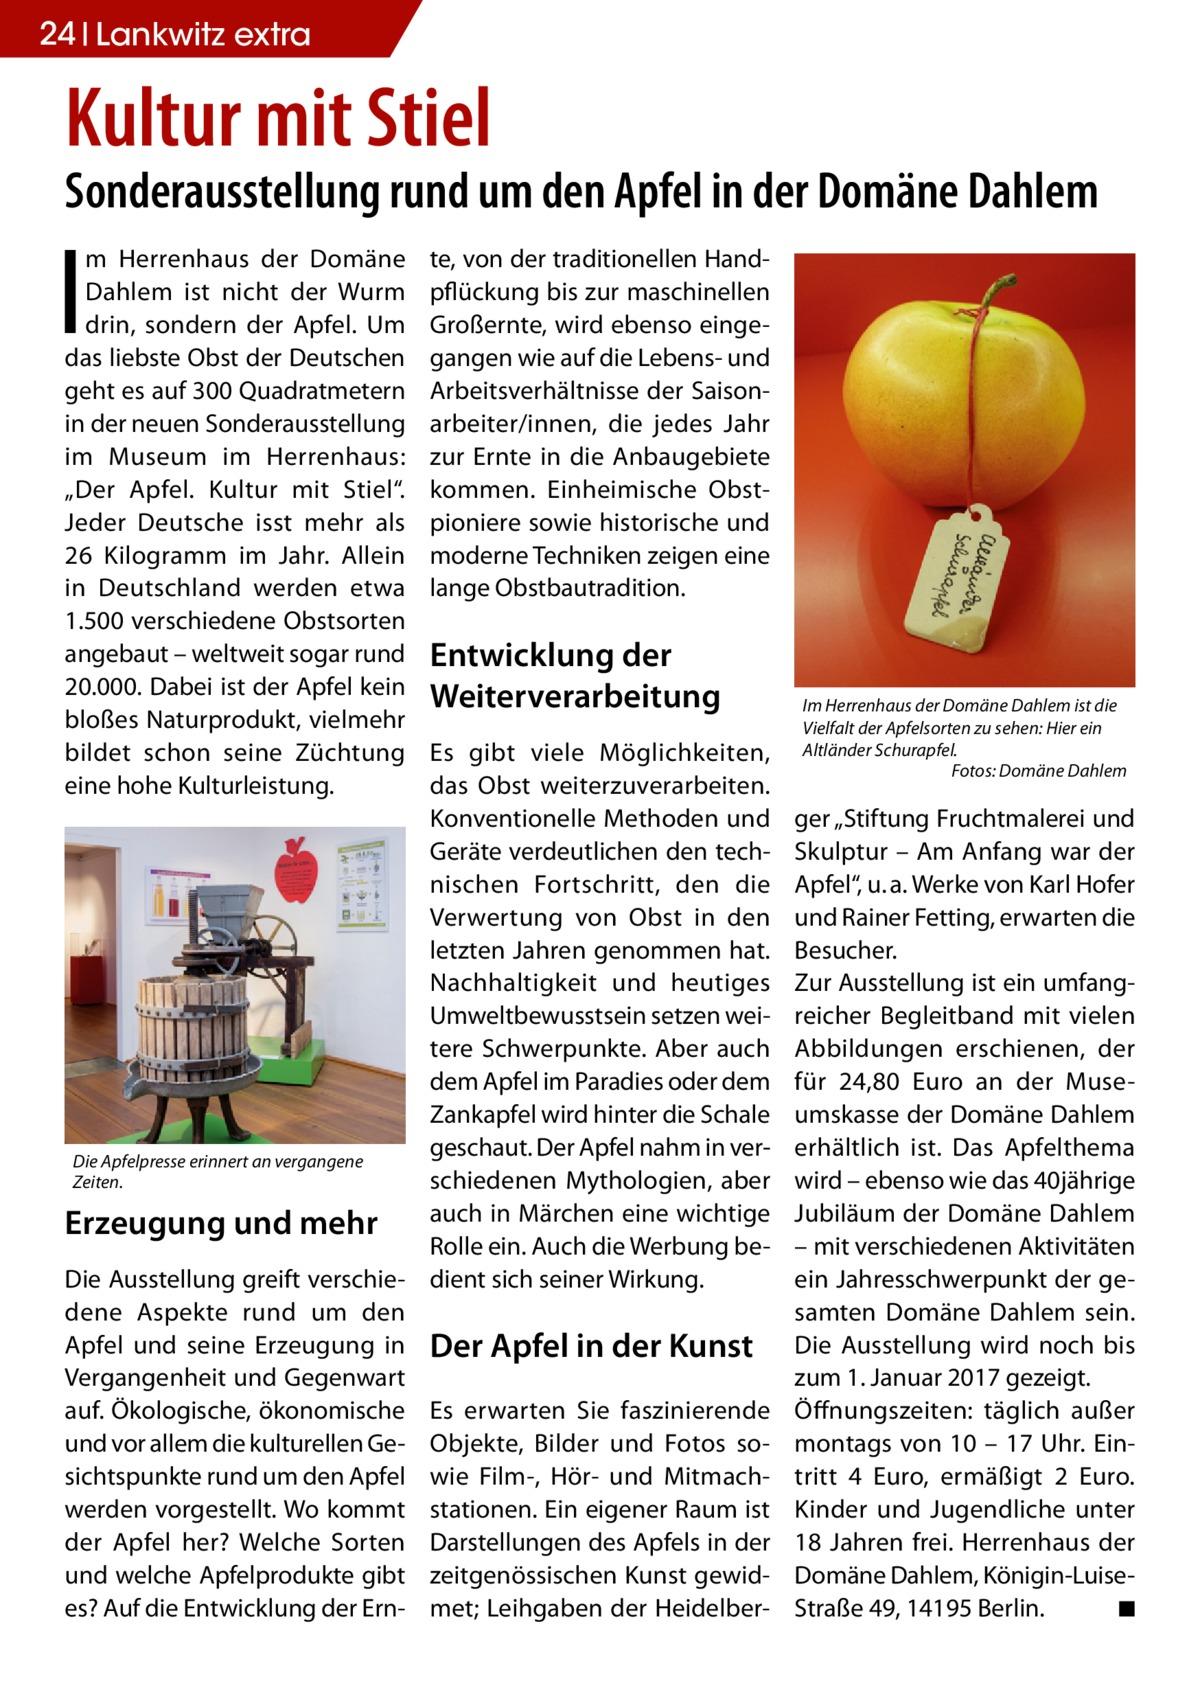 """24 Lankwitz extra  Kultur mit Stiel  Sonderausstellung rund um den Apfel in der Domäne Dahlem  I  m Herrenhaus der Domäne Dahlem ist nicht der Wurm drin, sondern der Apfel. Um das liebste Obst der Deutschen geht es auf 300 Quadratmetern in der neuen Sonderausstellung im Museum im Herrenhaus: """"Der Apfel. Kultur mit Stiel"""". Jeder Deutsche isst mehr als 26 Kilogramm im Jahr. Allein in Deutschland werden etwa 1.500 verschiedene Obstsorten angebaut – weltweit sogar rund 20.000. Dabei ist der Apfel kein bloßes Naturprodukt, vielmehr bildet schon seine Züchtung eine hohe Kulturleistung.  te, von der traditionellen Handpflückung bis zur maschinellen Großernte, wird ebenso eingegangen wie auf die Lebens- und Arbeitsverhältnisse der Saisonarbeiter/innen, die jedes Jahr zur Ernte in die Anbaugebiete kommen. Einheimische Obstpioniere sowie historische und moderne Techniken zeigen eine lange Obstbautradition.  Entwicklung der Weiterverarbeitung  Es gibt viele Möglichkeiten, das Obst weiterzuverarbeiten. Konventionelle Methoden und Geräte verdeutlichen den technischen Fortschritt, den die Verwertung von Obst in den letzten Jahren genommen hat. Nachhaltigkeit und heutiges Umweltbewusstsein setzen weitere Schwerpunkte. Aber auch dem Apfel im Paradies oder dem Zankapfel wird hinter die Schale geschaut. Der Apfel nahm in verDie Apfelpresse erinnert an vergangene Zeiten. schiedenen Mythologien, aber auch in Märchen eine wichtige Erzeugung und mehr Rolle ein. Auch die Werbung beDie Ausstellung greift verschie- dient sich seiner Wirkung. dene Aspekte rund um den Apfel und seine Erzeugung in Der Apfel in der Kunst Vergangenheit und Gegenwart auf. Ökologische, ökonomische Es erwarten Sie faszinierende und vor allem die kulturellen Ge- Objekte, Bilder und Fotos sosichtspunkte rund um den Apfel wie Film-, Hör- und Mitmachwerden vorgestellt. Wo kommt stationen. Ein eigener Raum ist der Apfel her? Welche Sorten Darstellungen des Apfels in der und welche Apfelprodukte gibt zeitgenössischen Kun"""